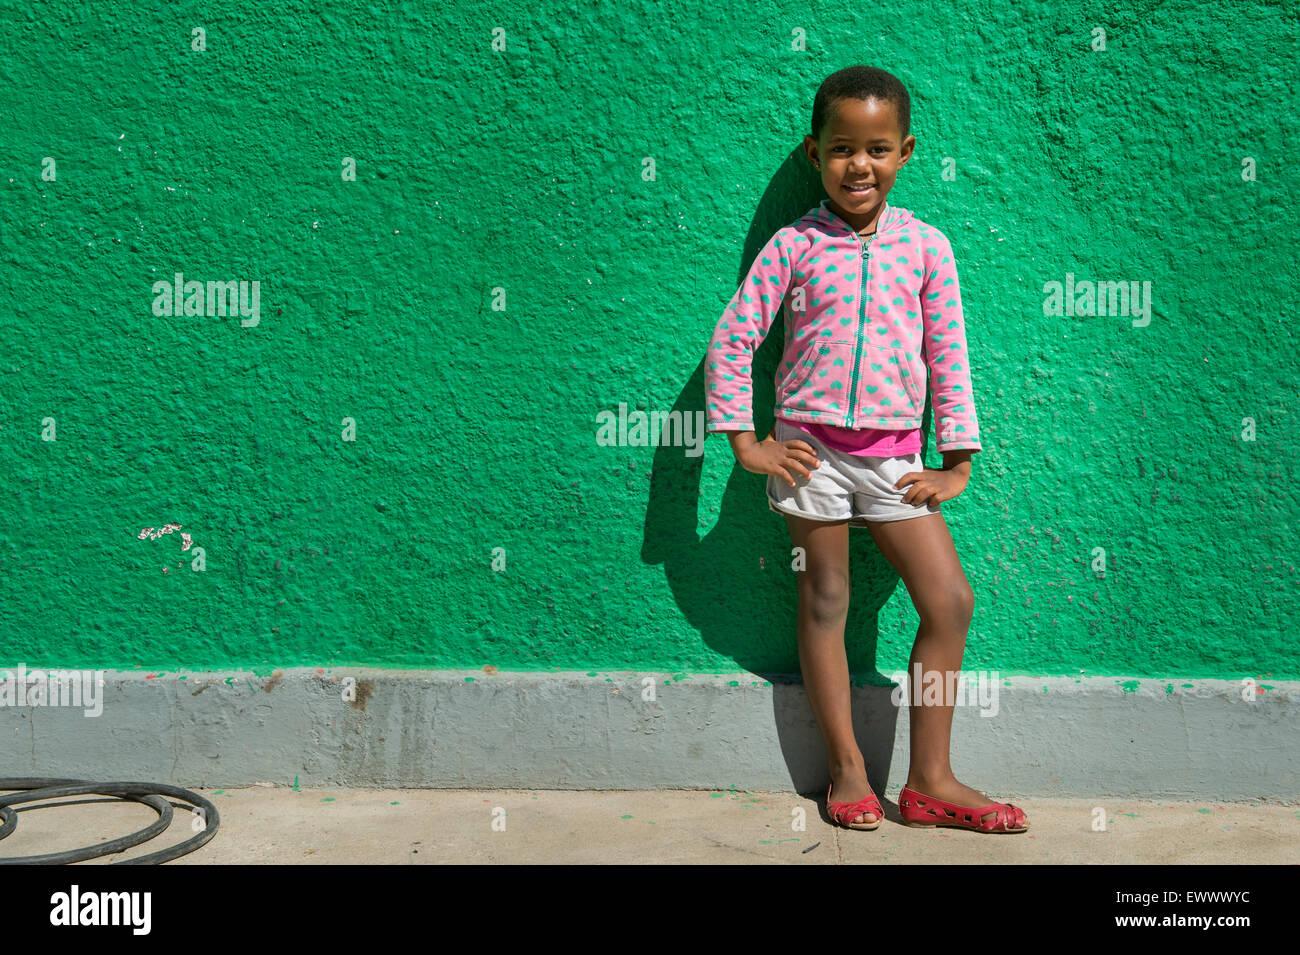 Namibia - giovane ragazza africana in piedi di fronte a bright green parete. Immagini Stock